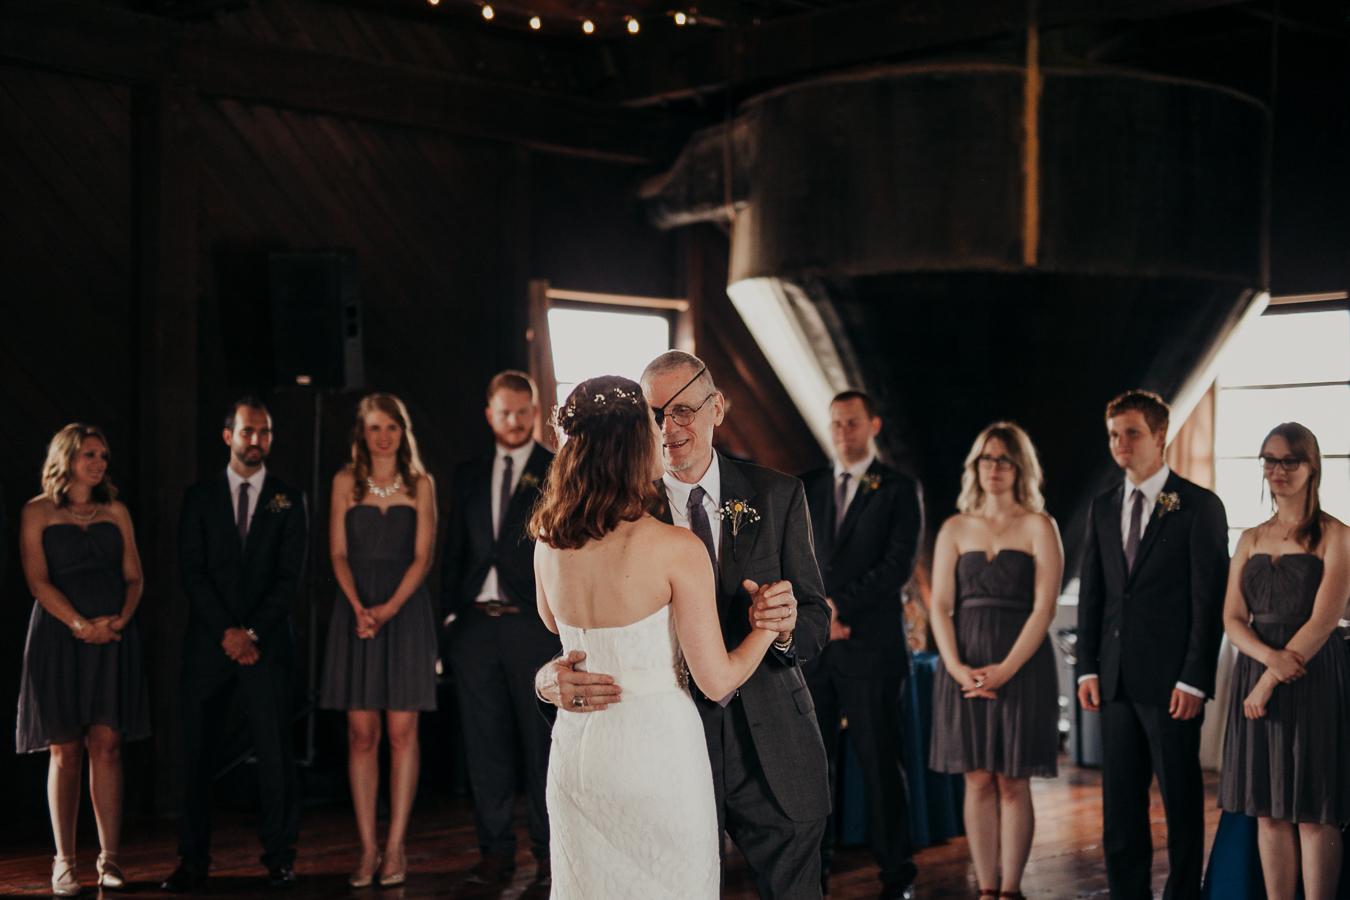 Nashville Wedding Photograpger - Photography Anthology-117.jpg